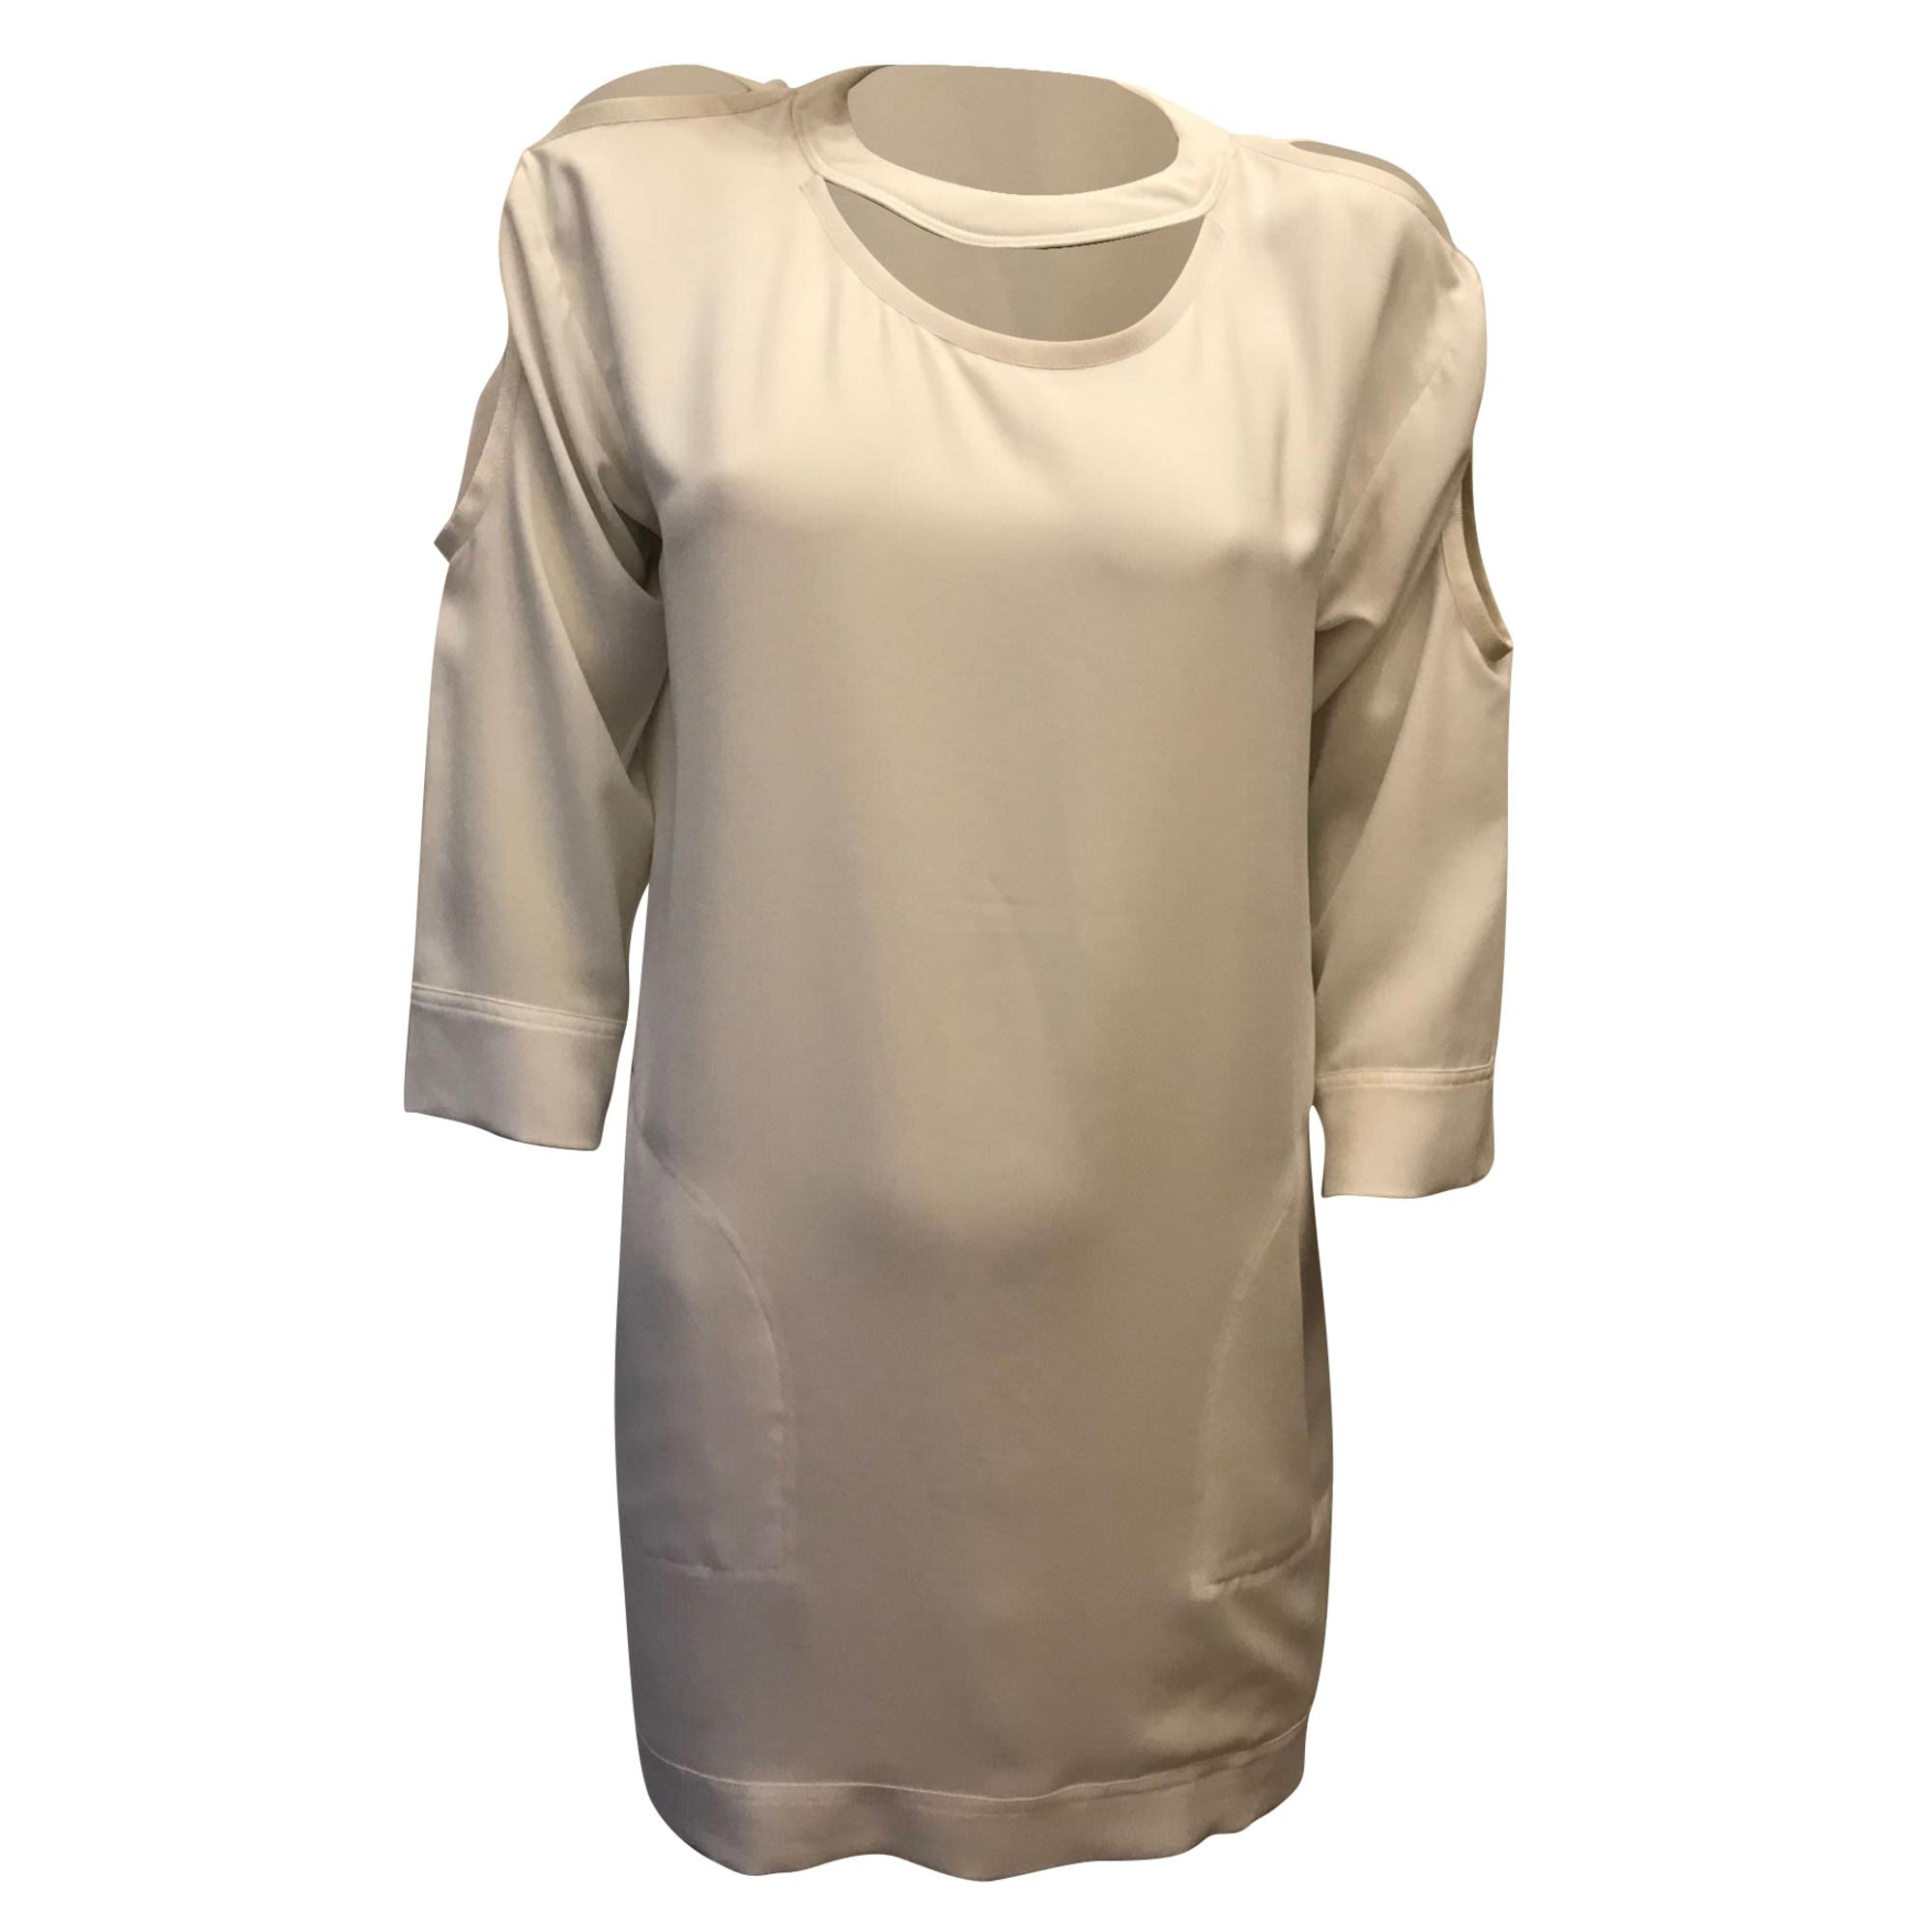 Mini Dress IRO White, off-white, ecru